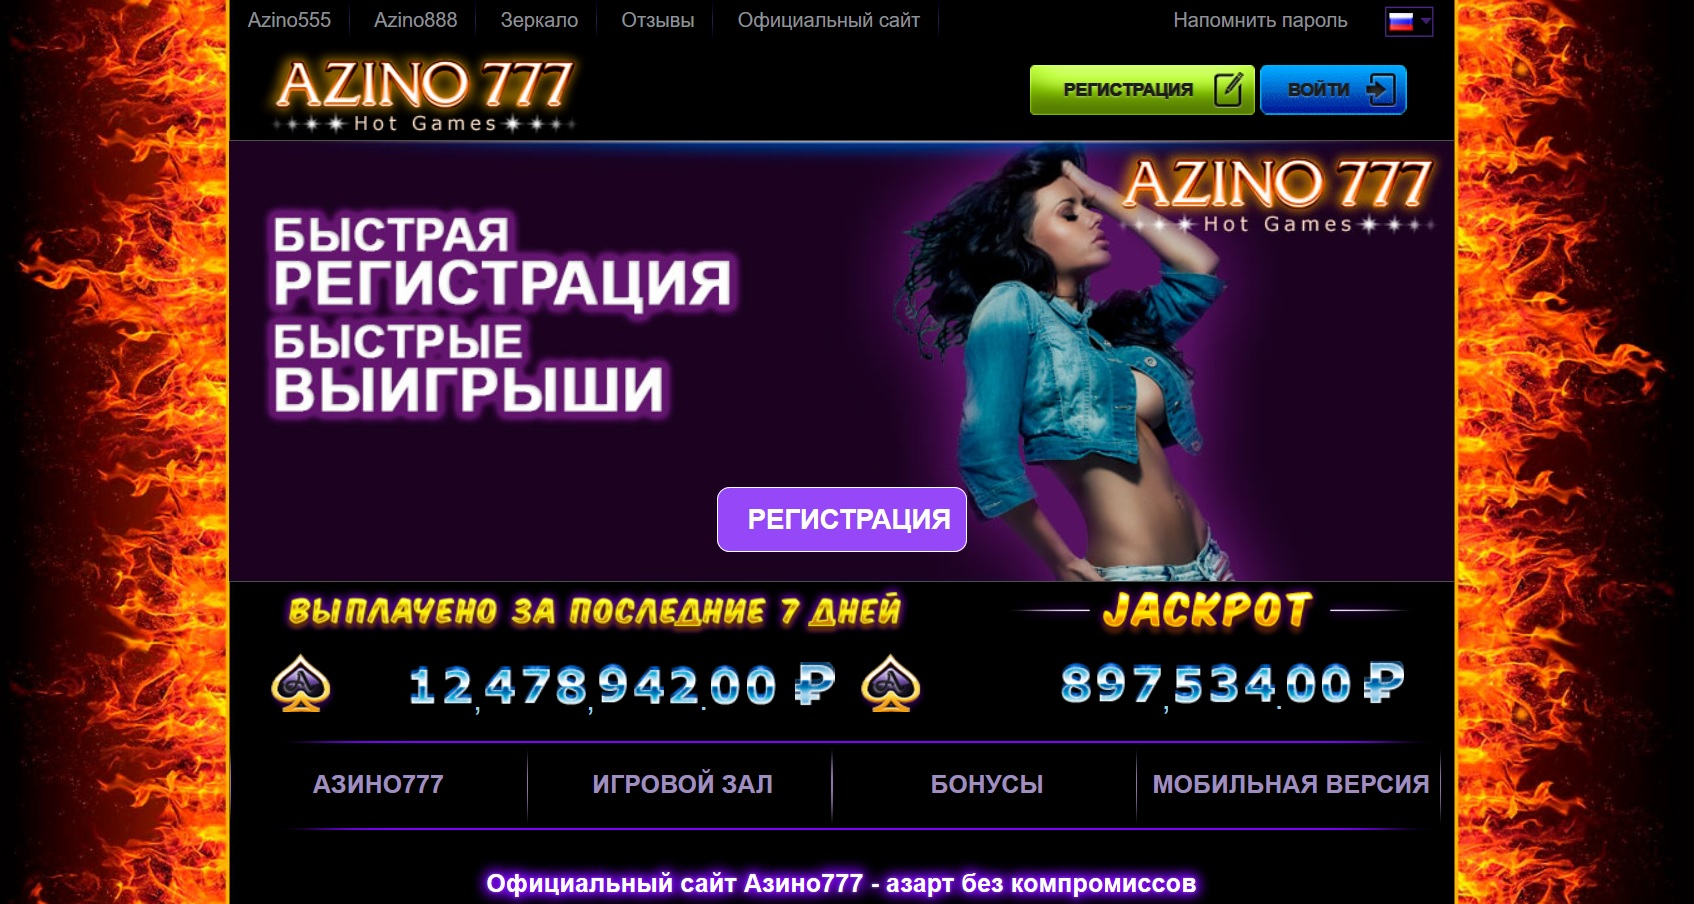 азино777 32 официальный сайт мобильная версия